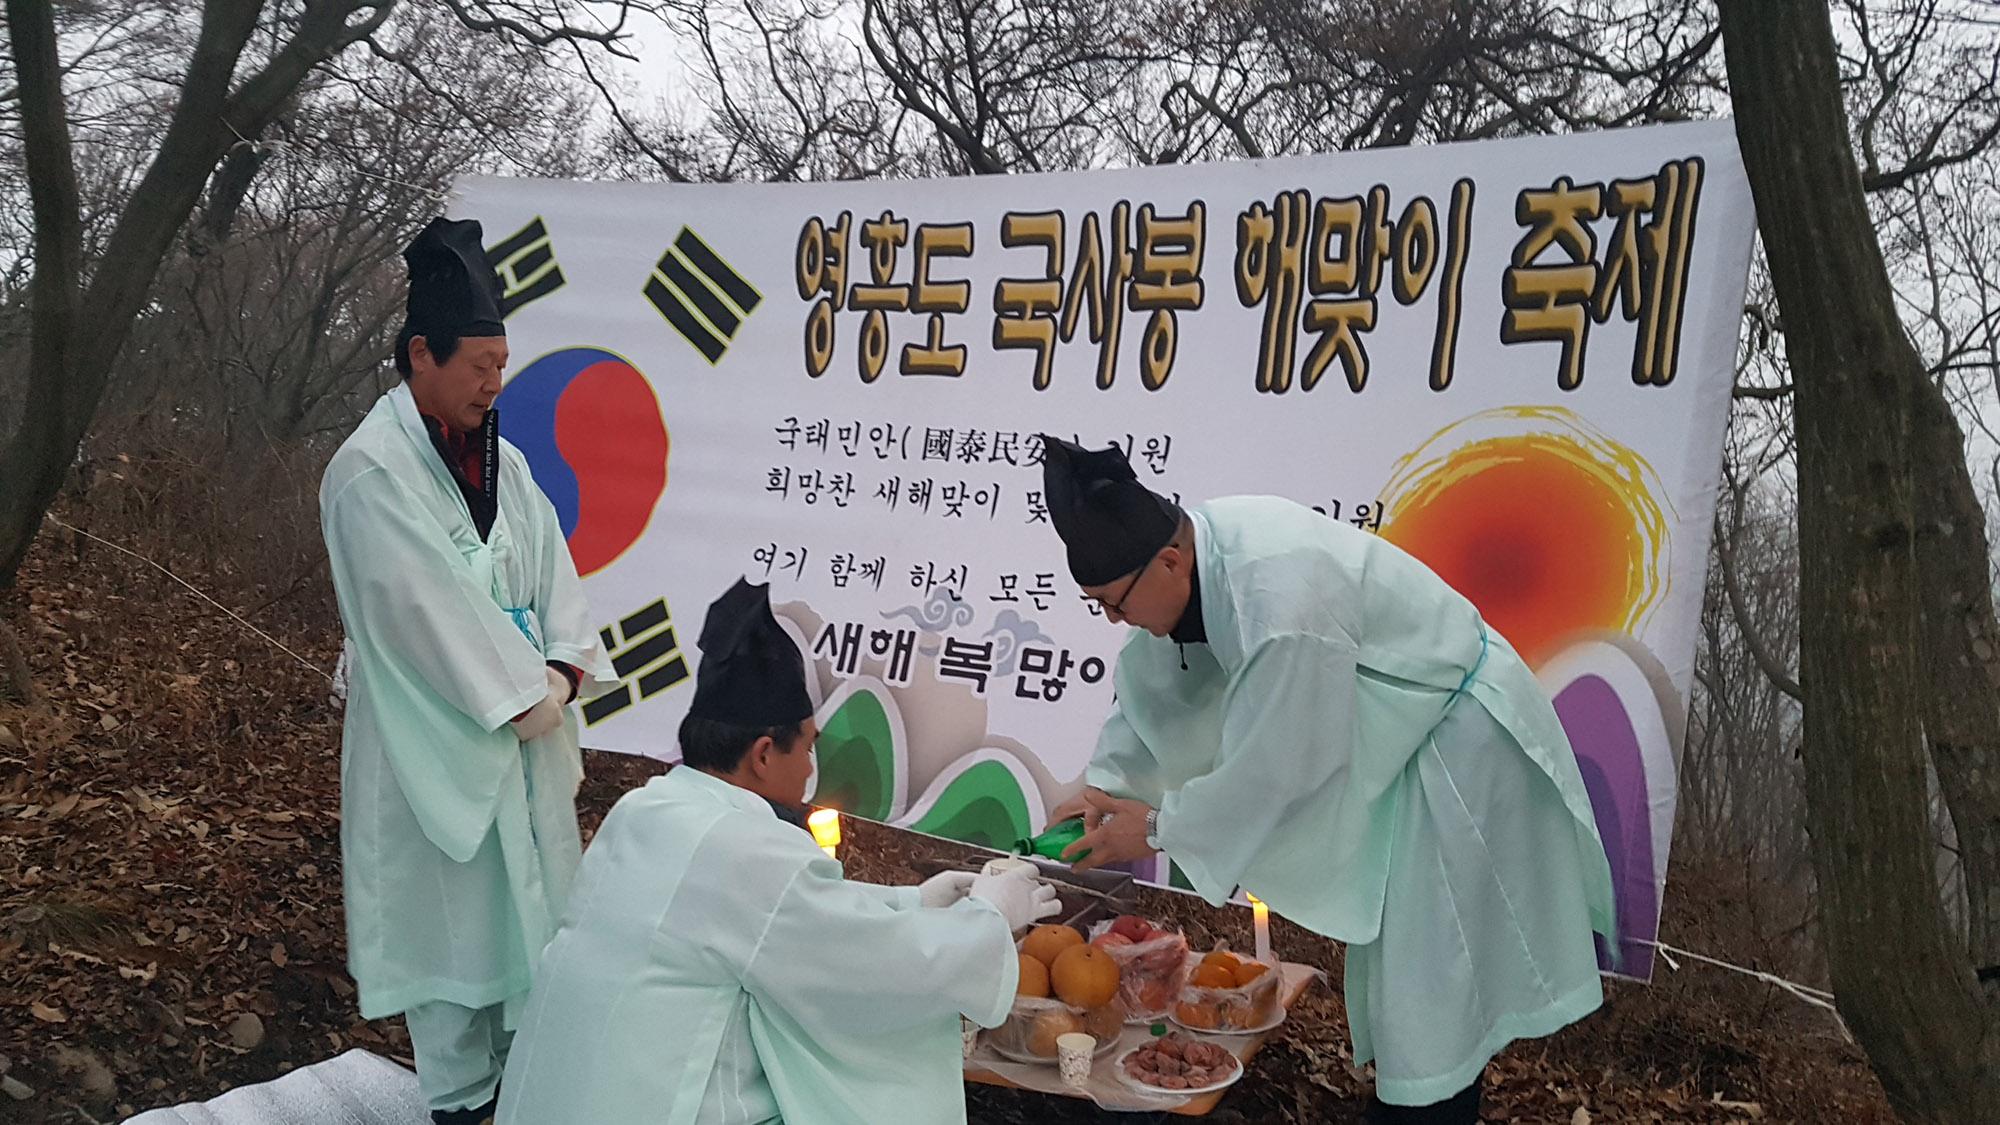 영흥국사봉해맞이축제